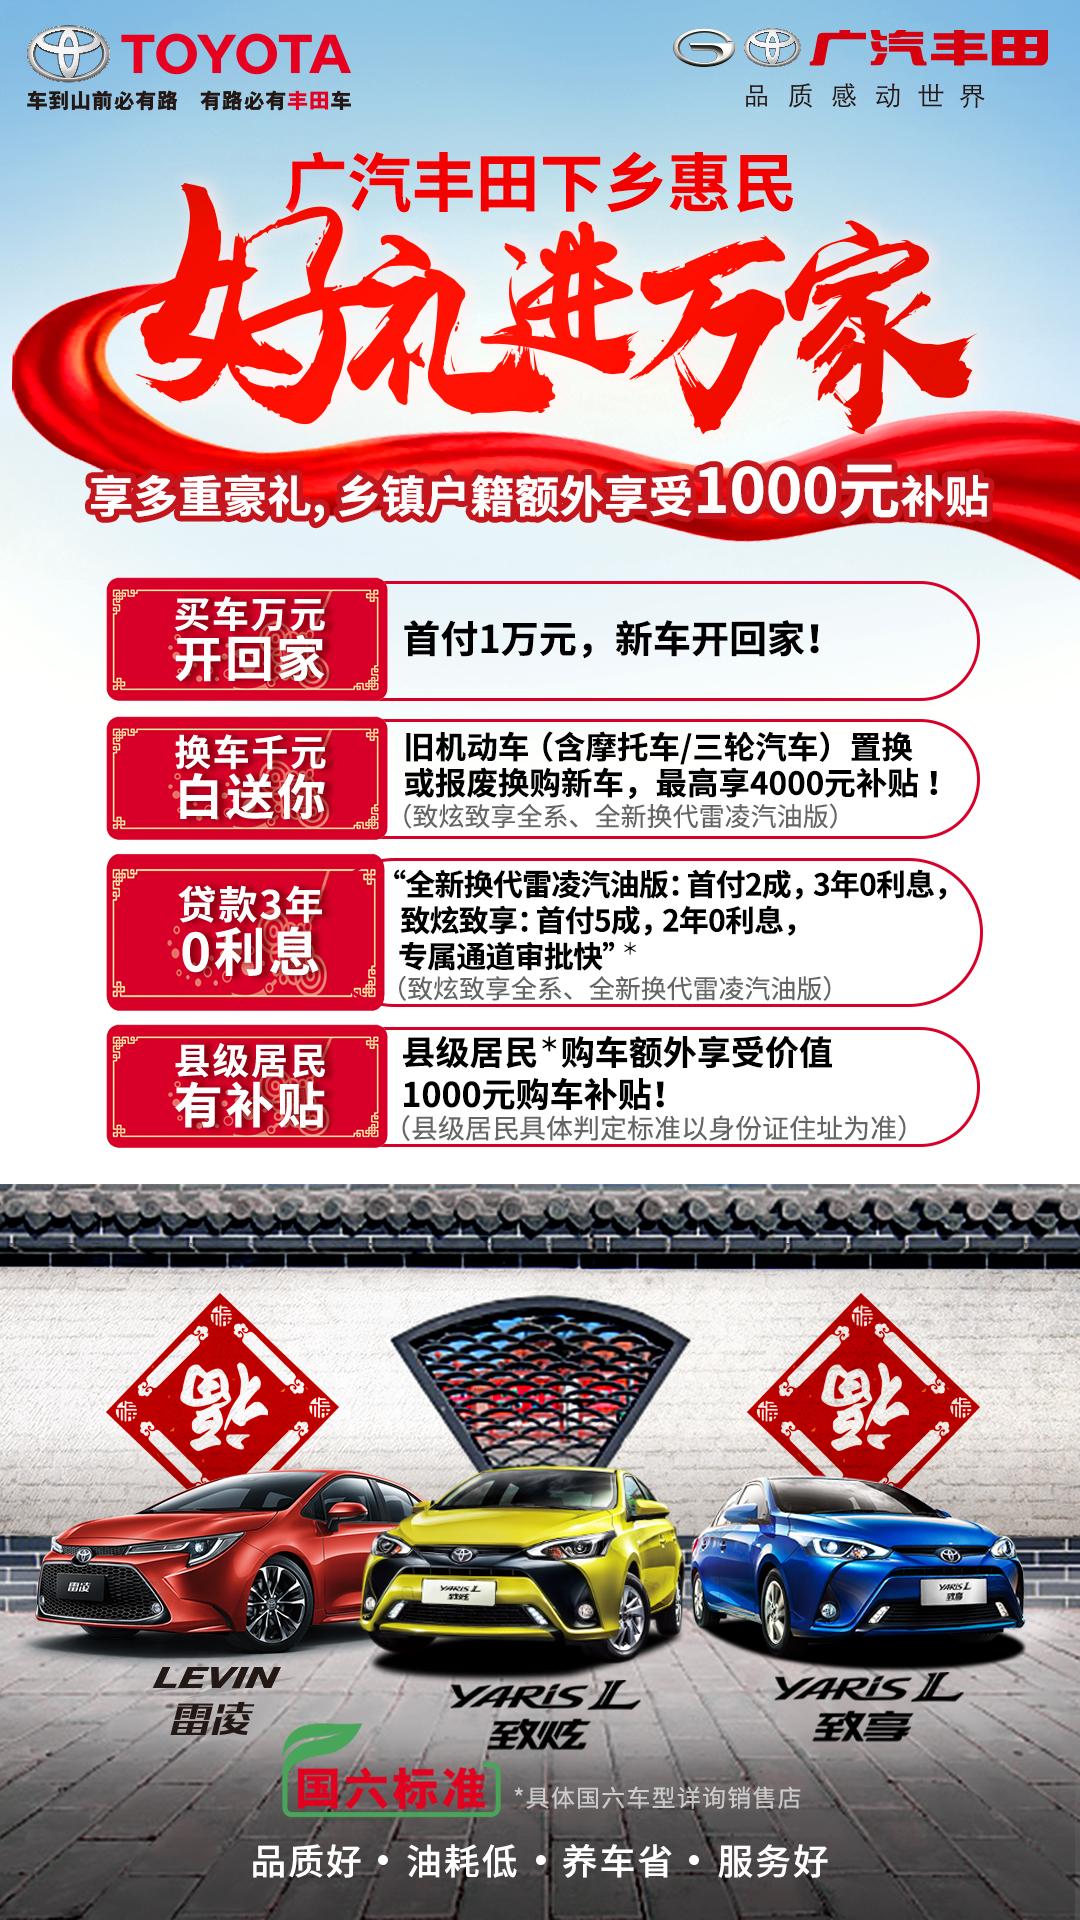 【淮南嘉丰】第二届购车狂欢节暨雷凌试驾品鉴会—淮南站!